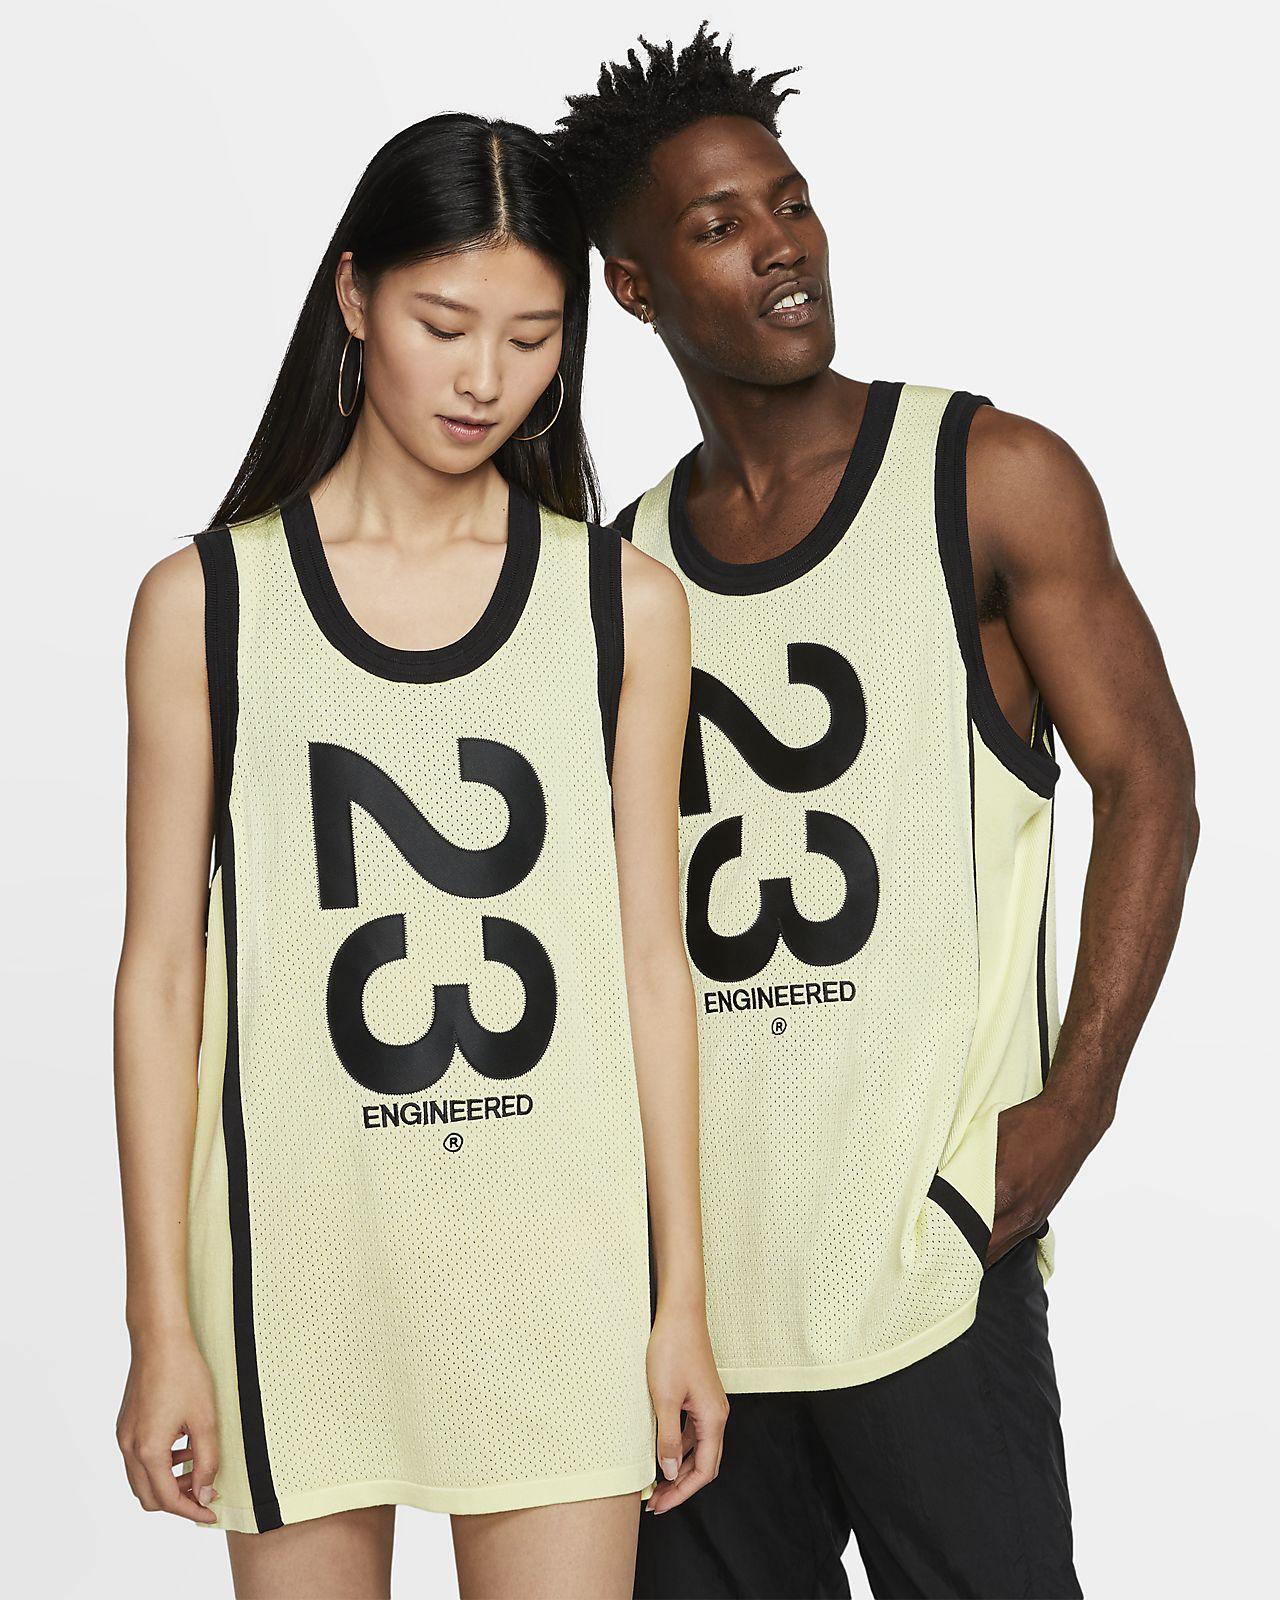 Jordan 23 Engineered Camiseta